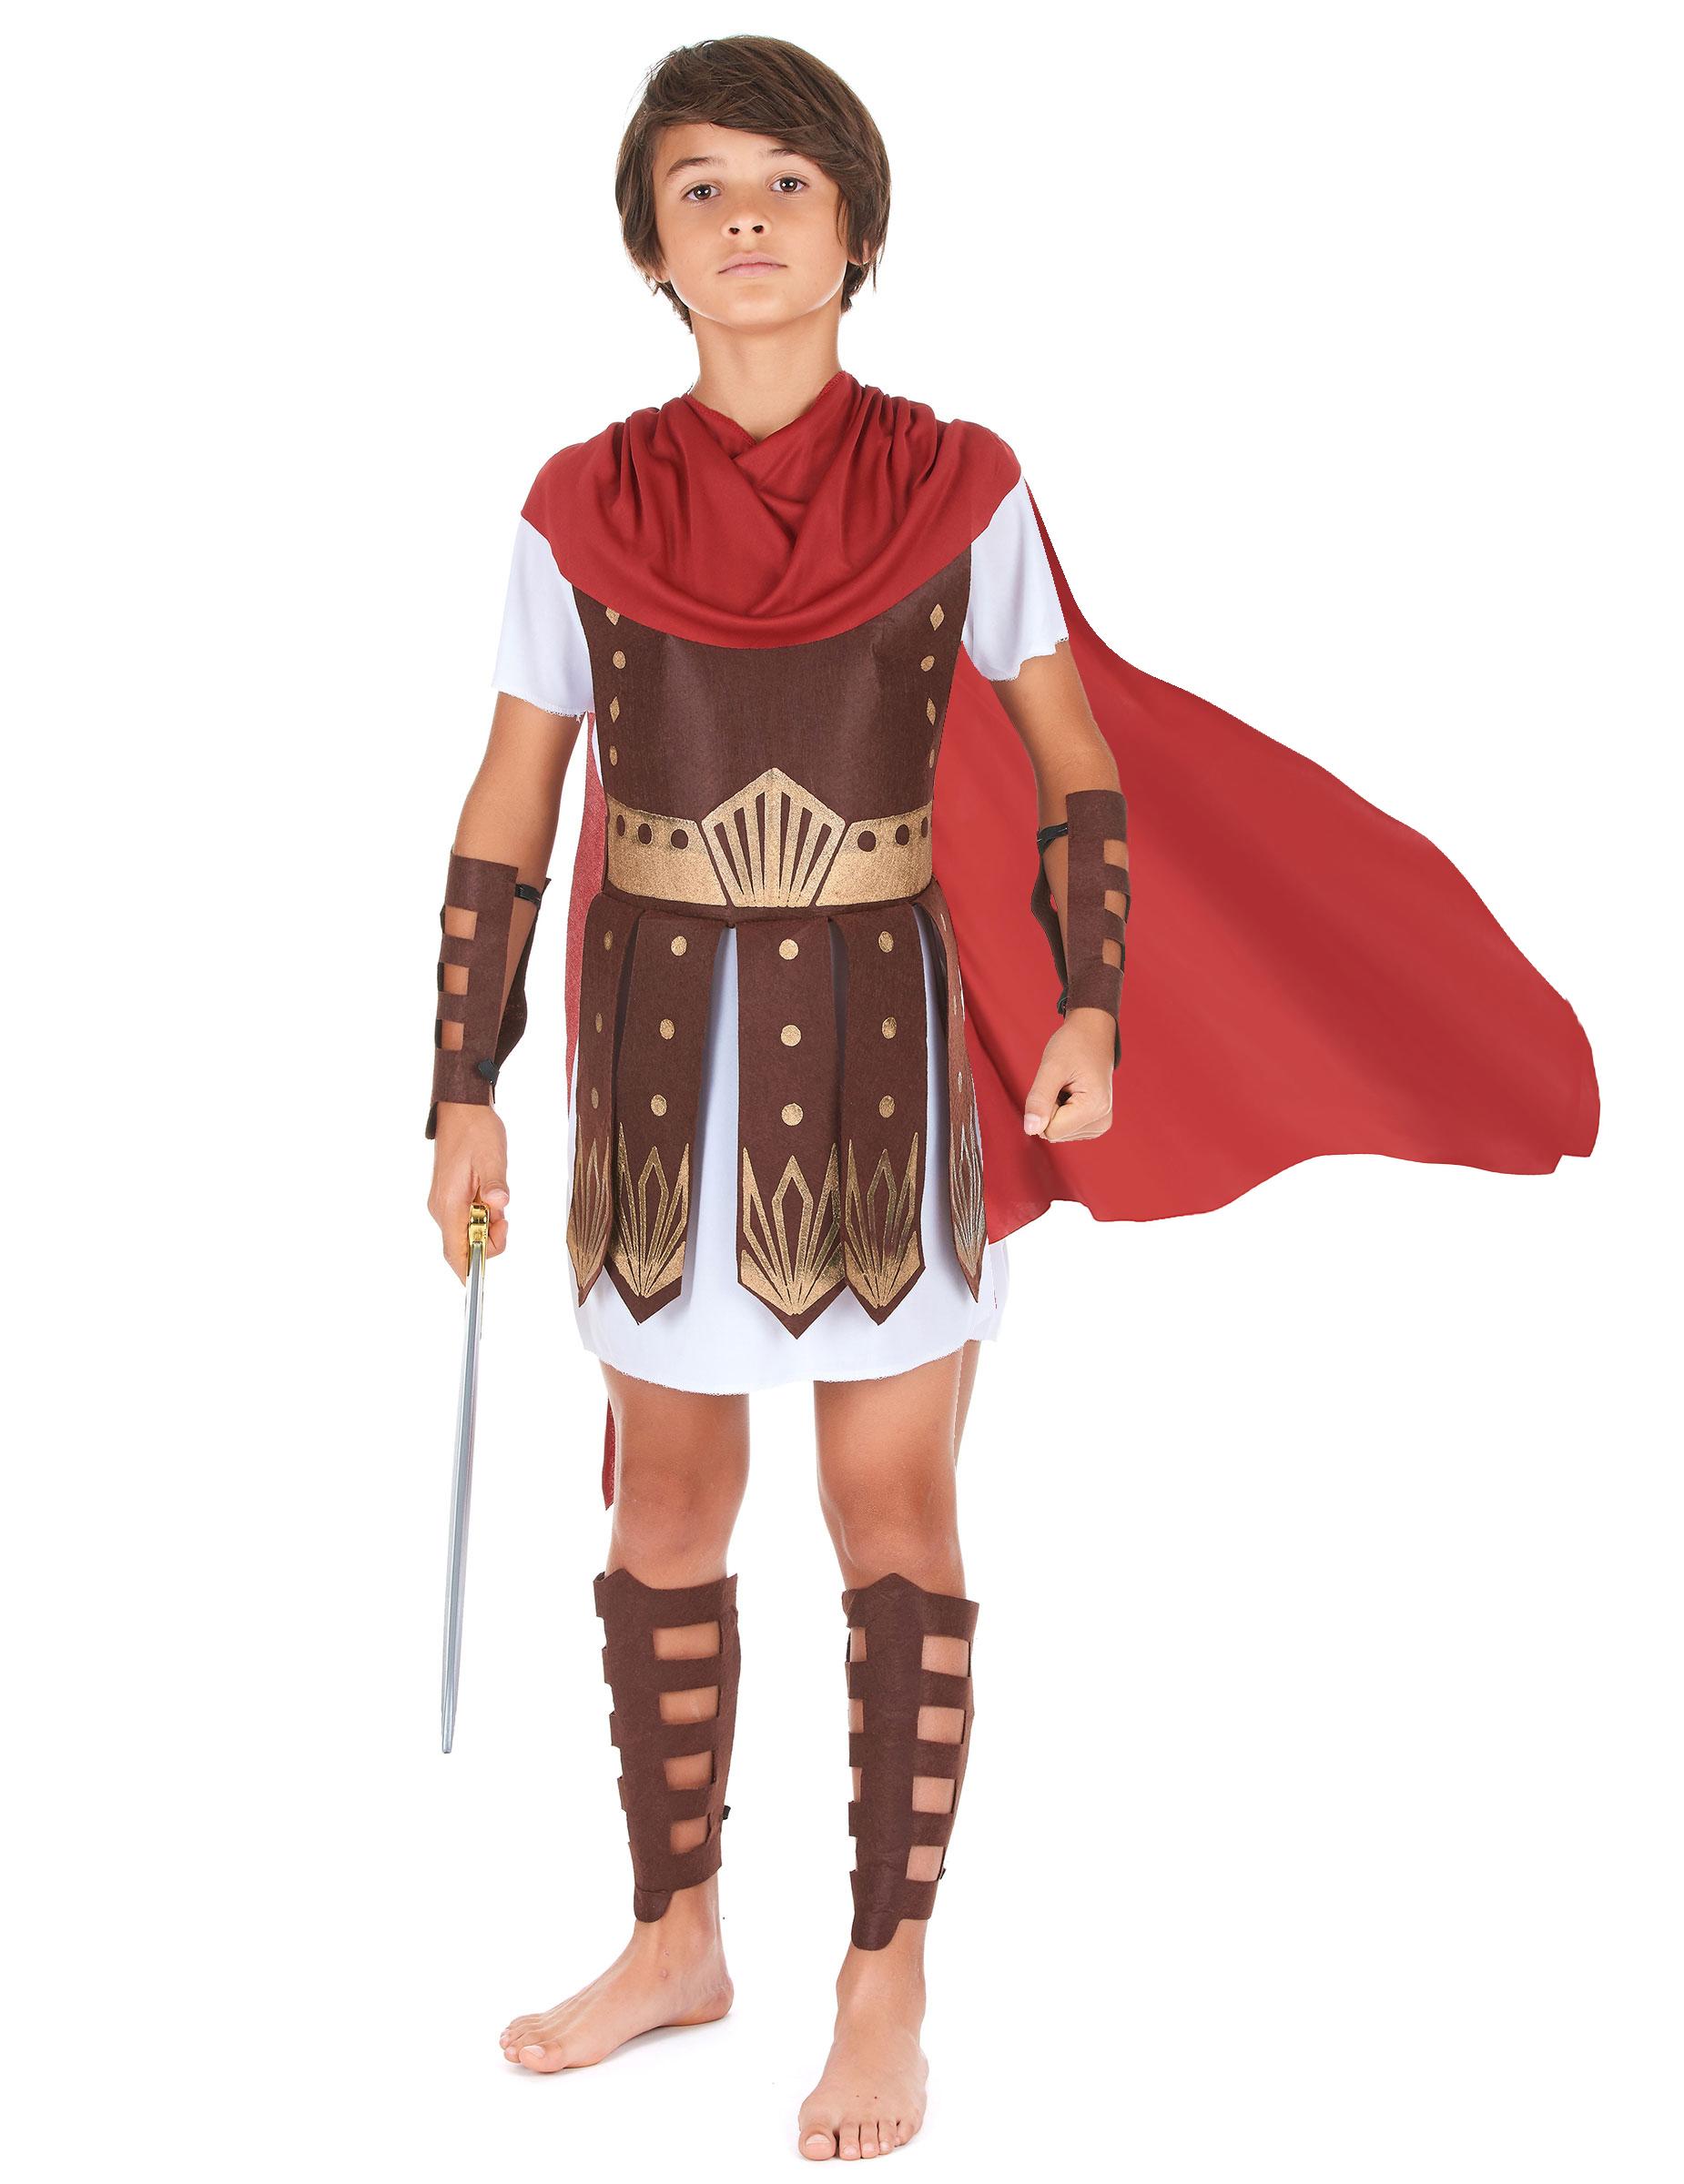 Brazalete de guerrero medieval de cuero - Va de disfraces